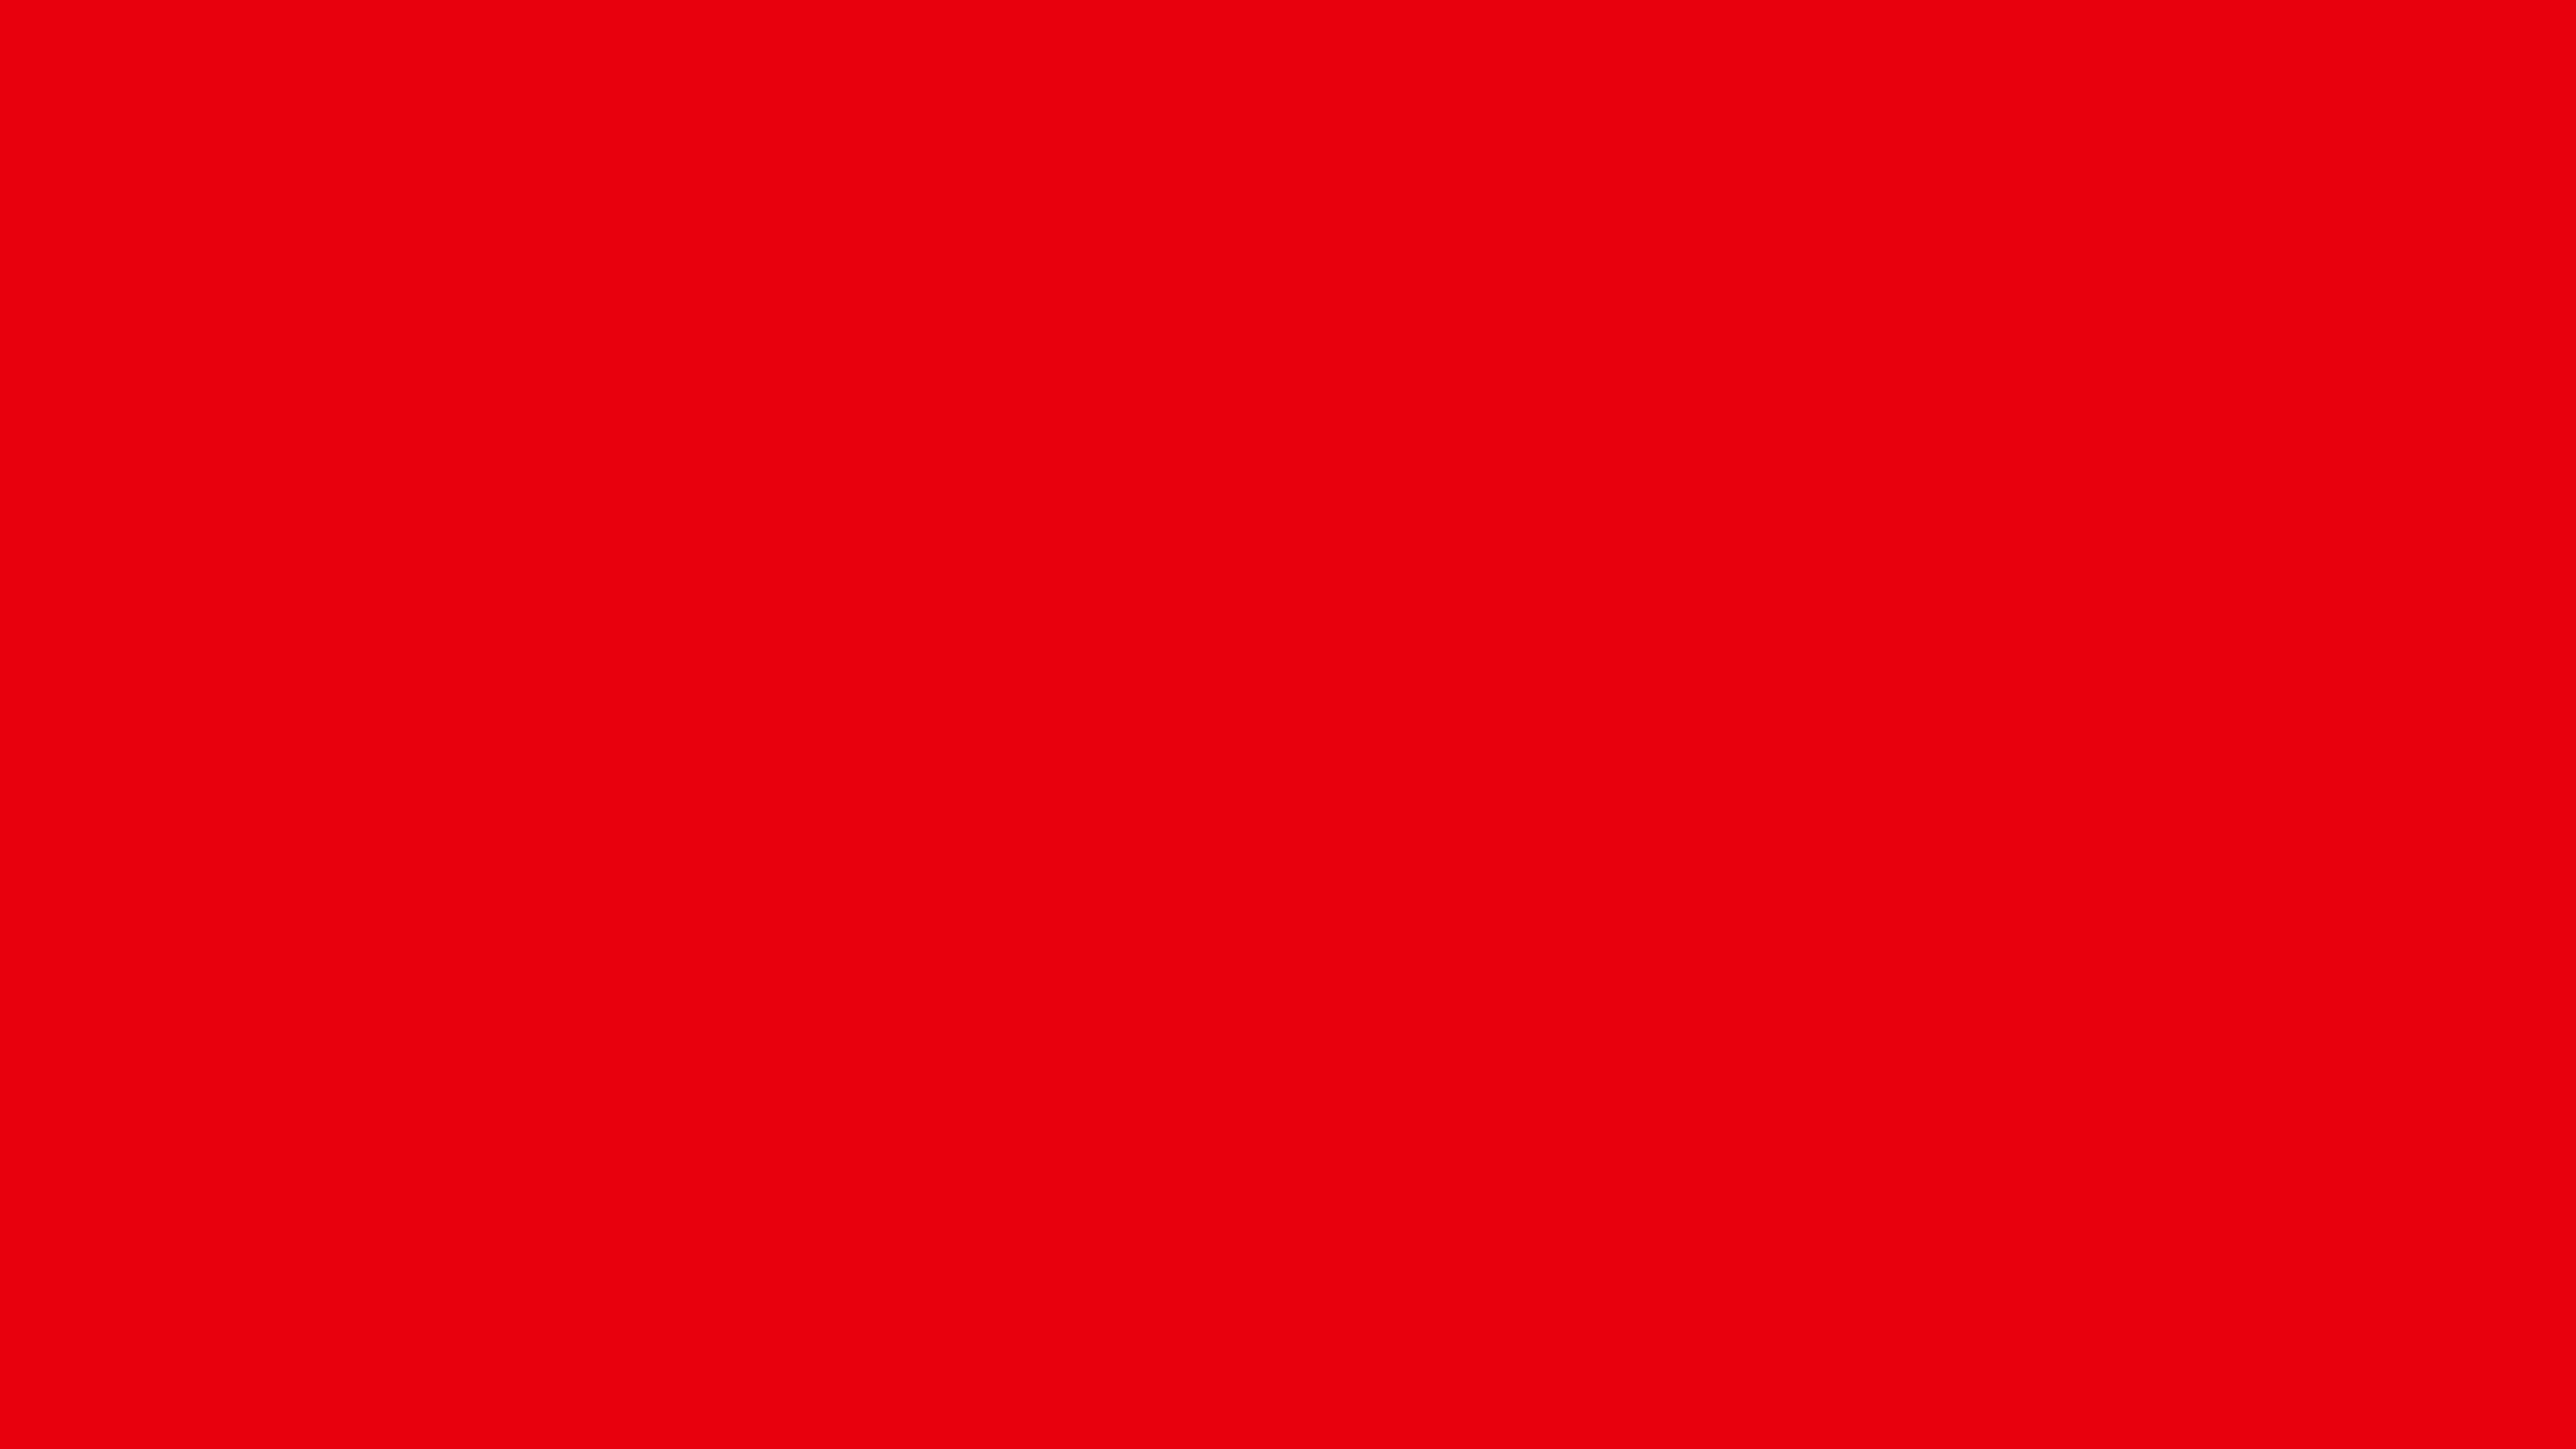 4096x2304 KU Crimson Solid Color Background